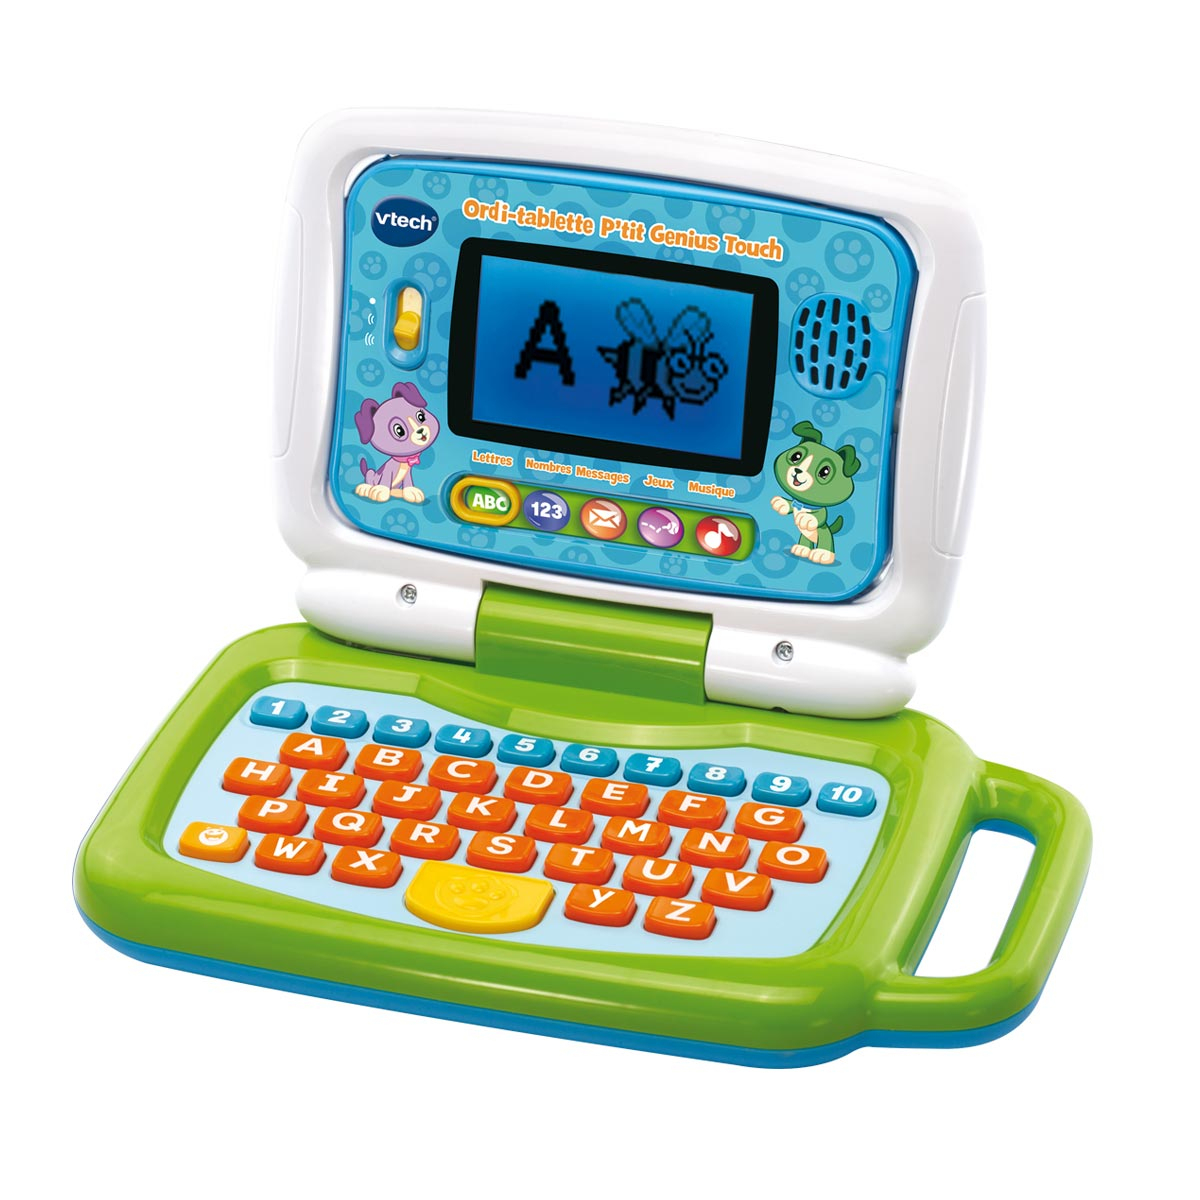 Ordi Tablette P'tit Génius Touch tout Tablette Jeux 4 Ans